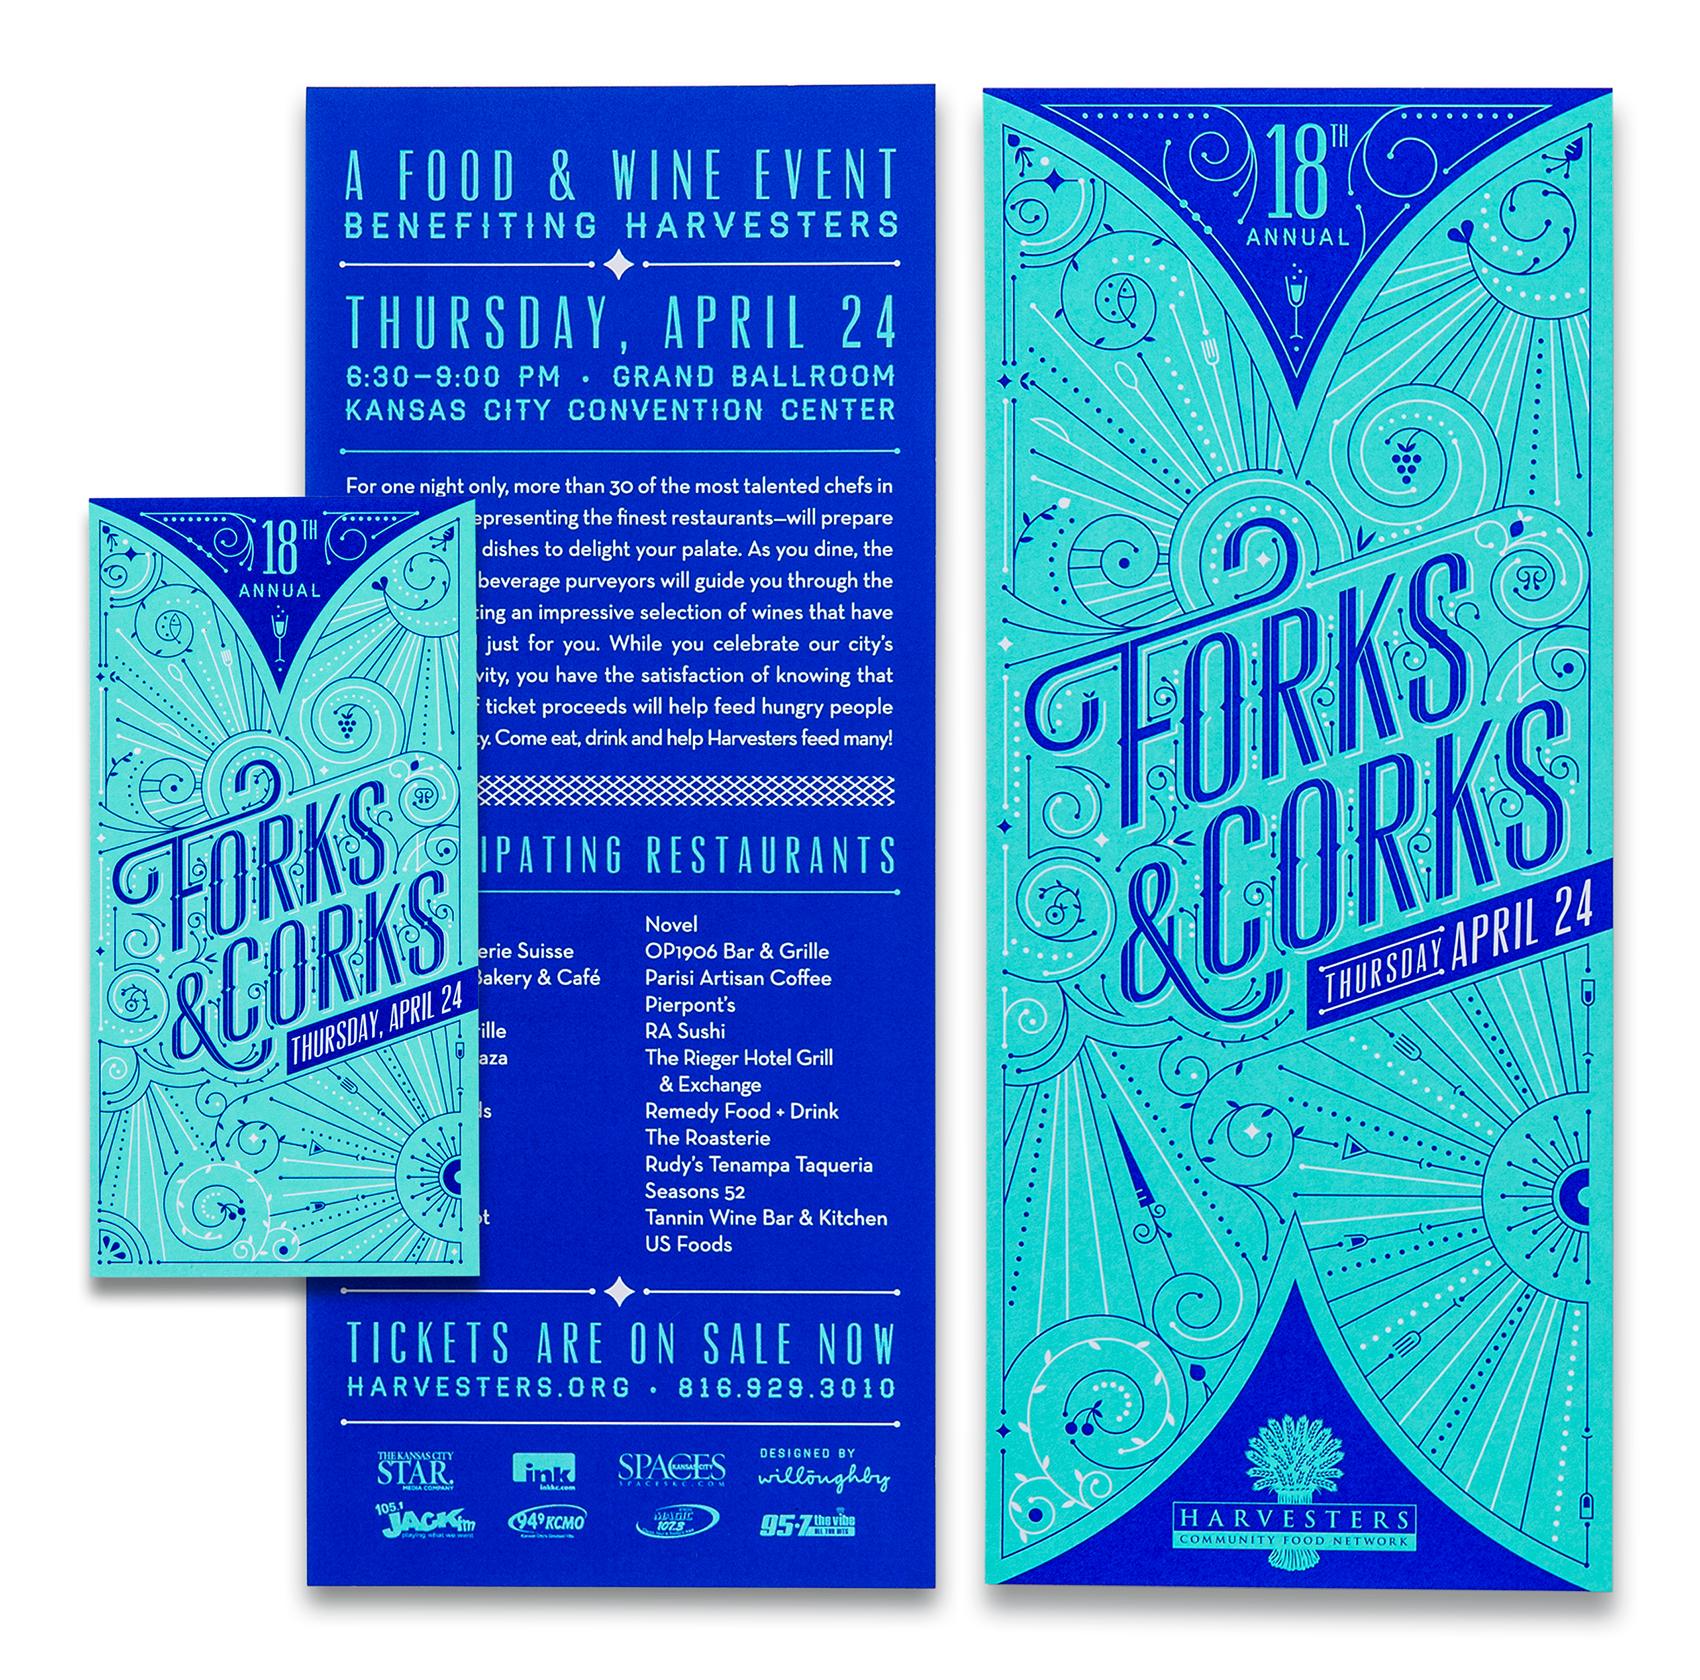 ForksCorks-12.jpg